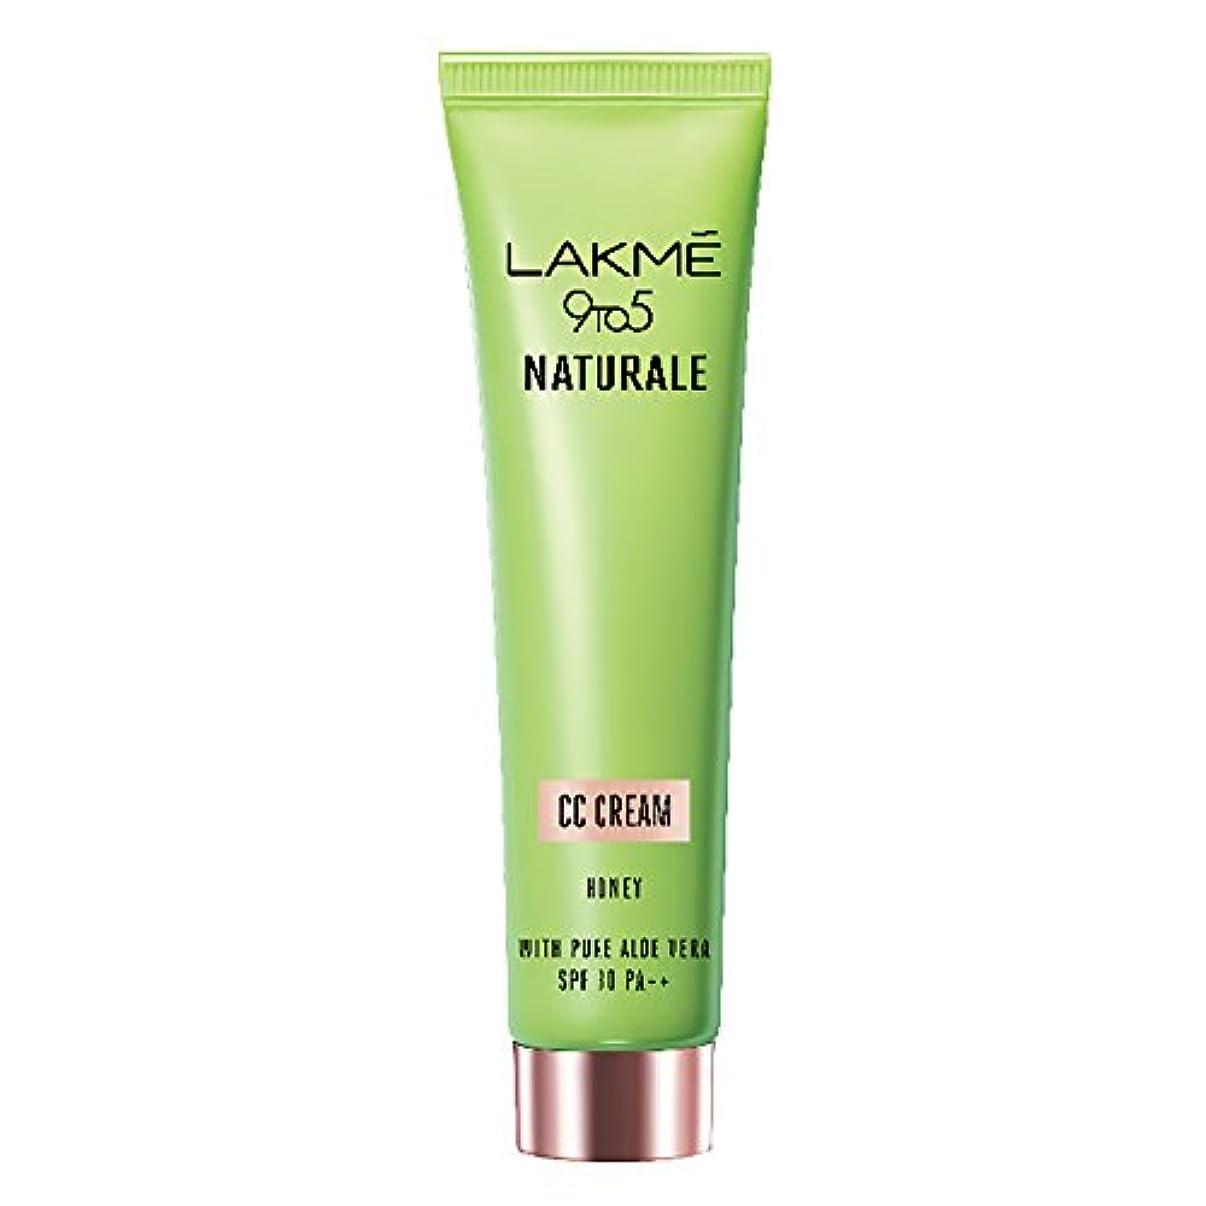 評論家中に土器Lakme 9 to 5 Naturale CC Cream, Honey, 30g